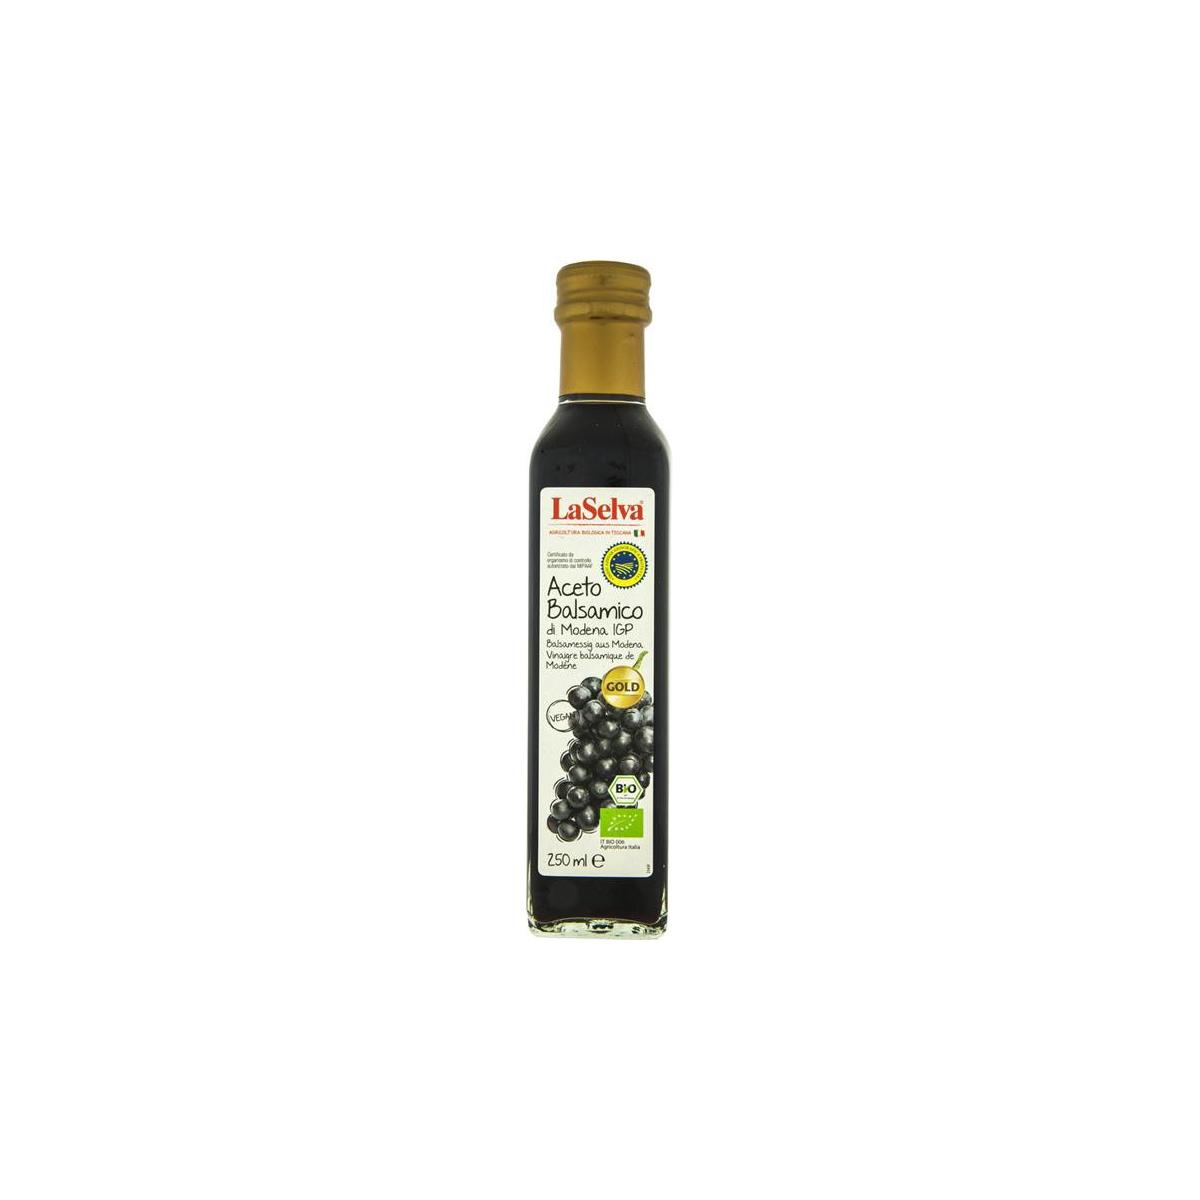 Aceto balsamico di Modena maturato IGP